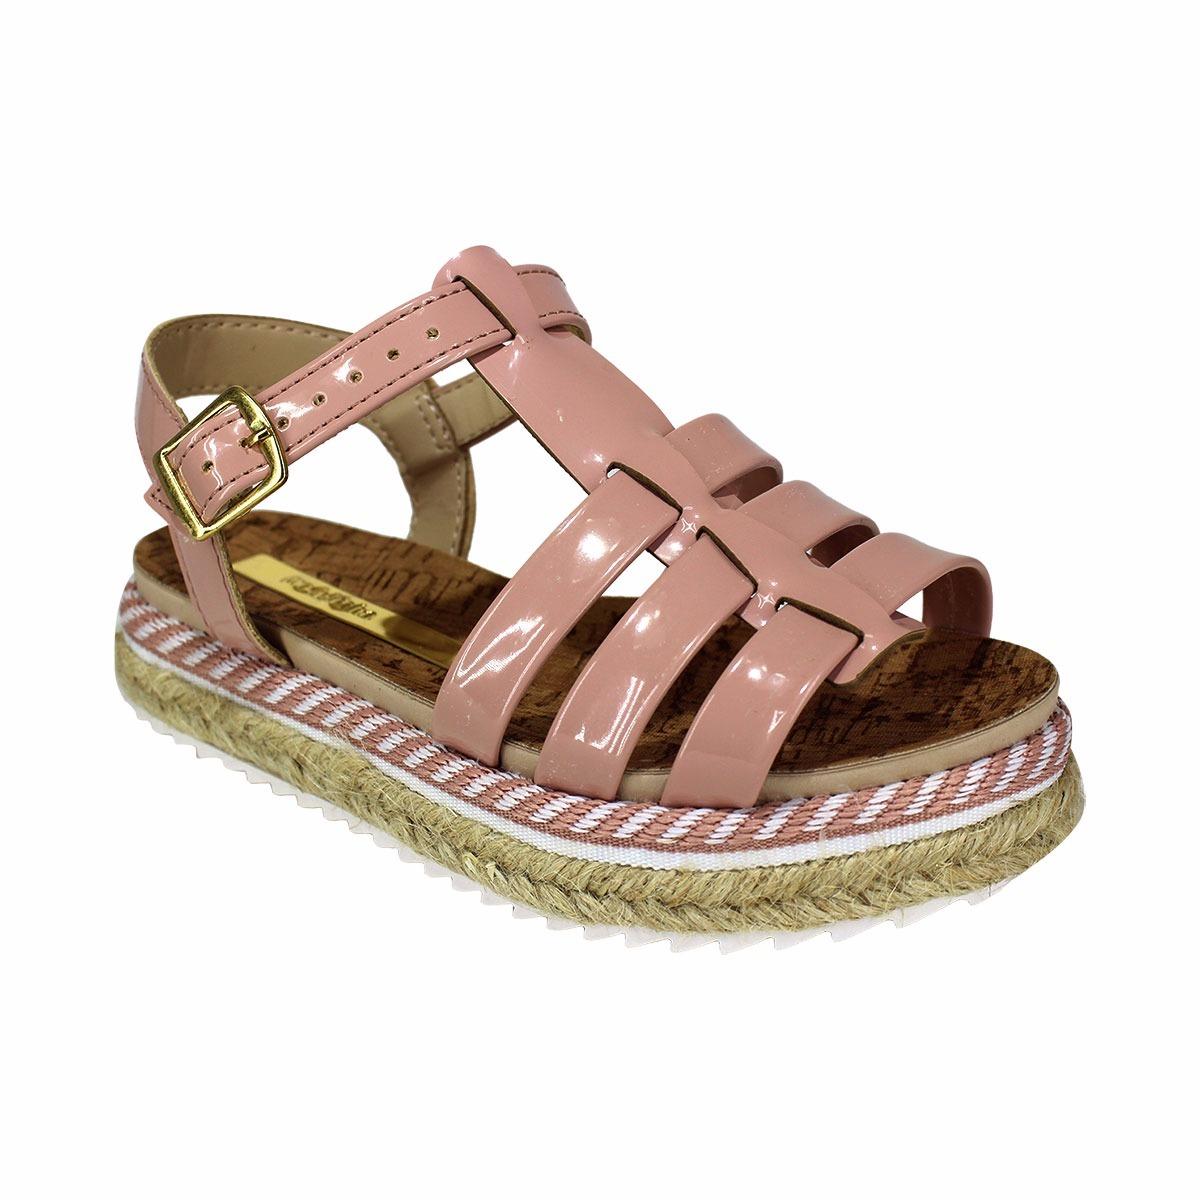 d4d522b85 sandália molekinha verniz premium - rosa - frete grátis. Carregando zoom.